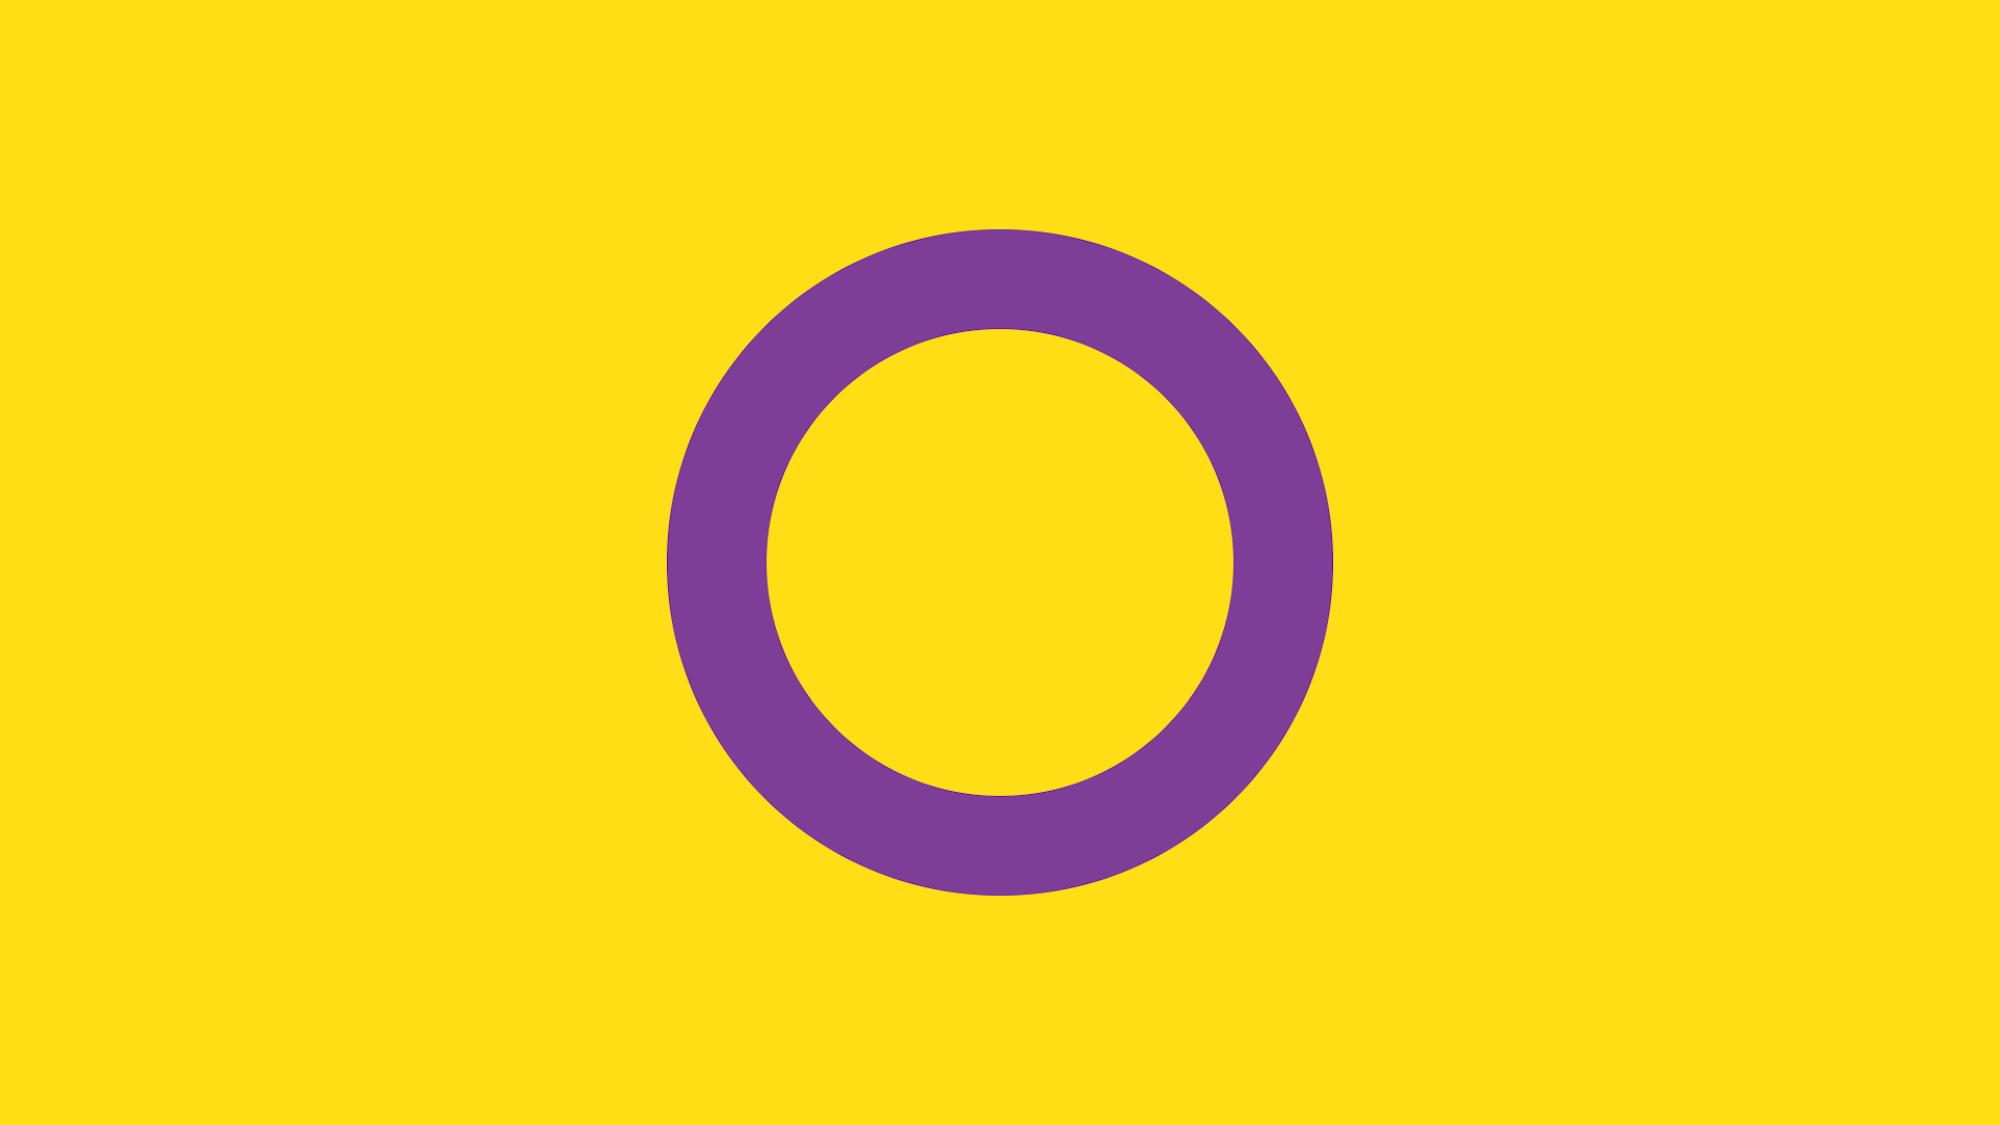 Bandera Orgullo Intersexual Imagen